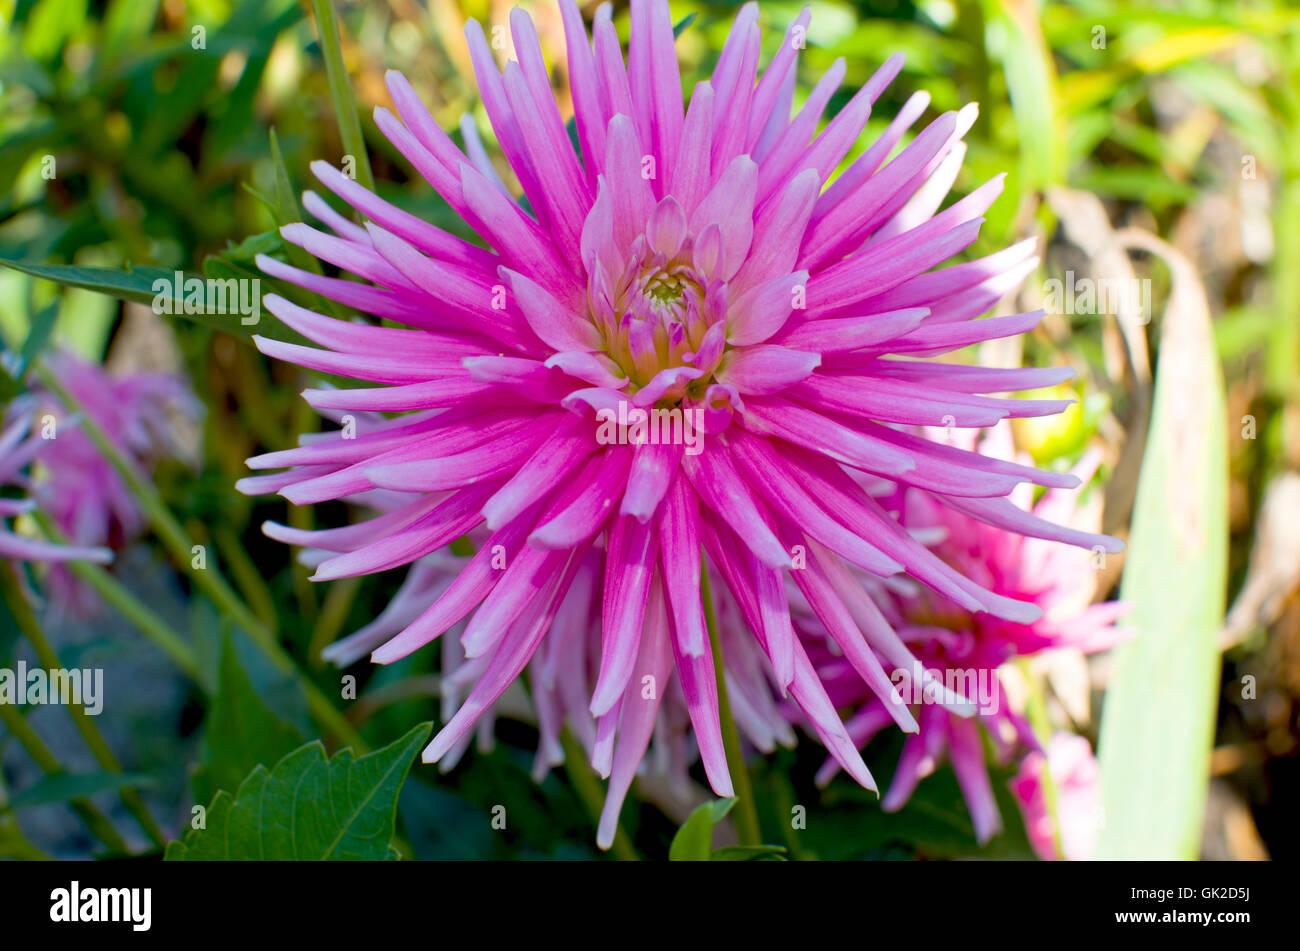 Kultivierte Blumen Dahlie Schön Rosa, Blumen, Garten, Rosa, Garten, Pflanzen,  Sommer, August, Blüte, Pflanzen